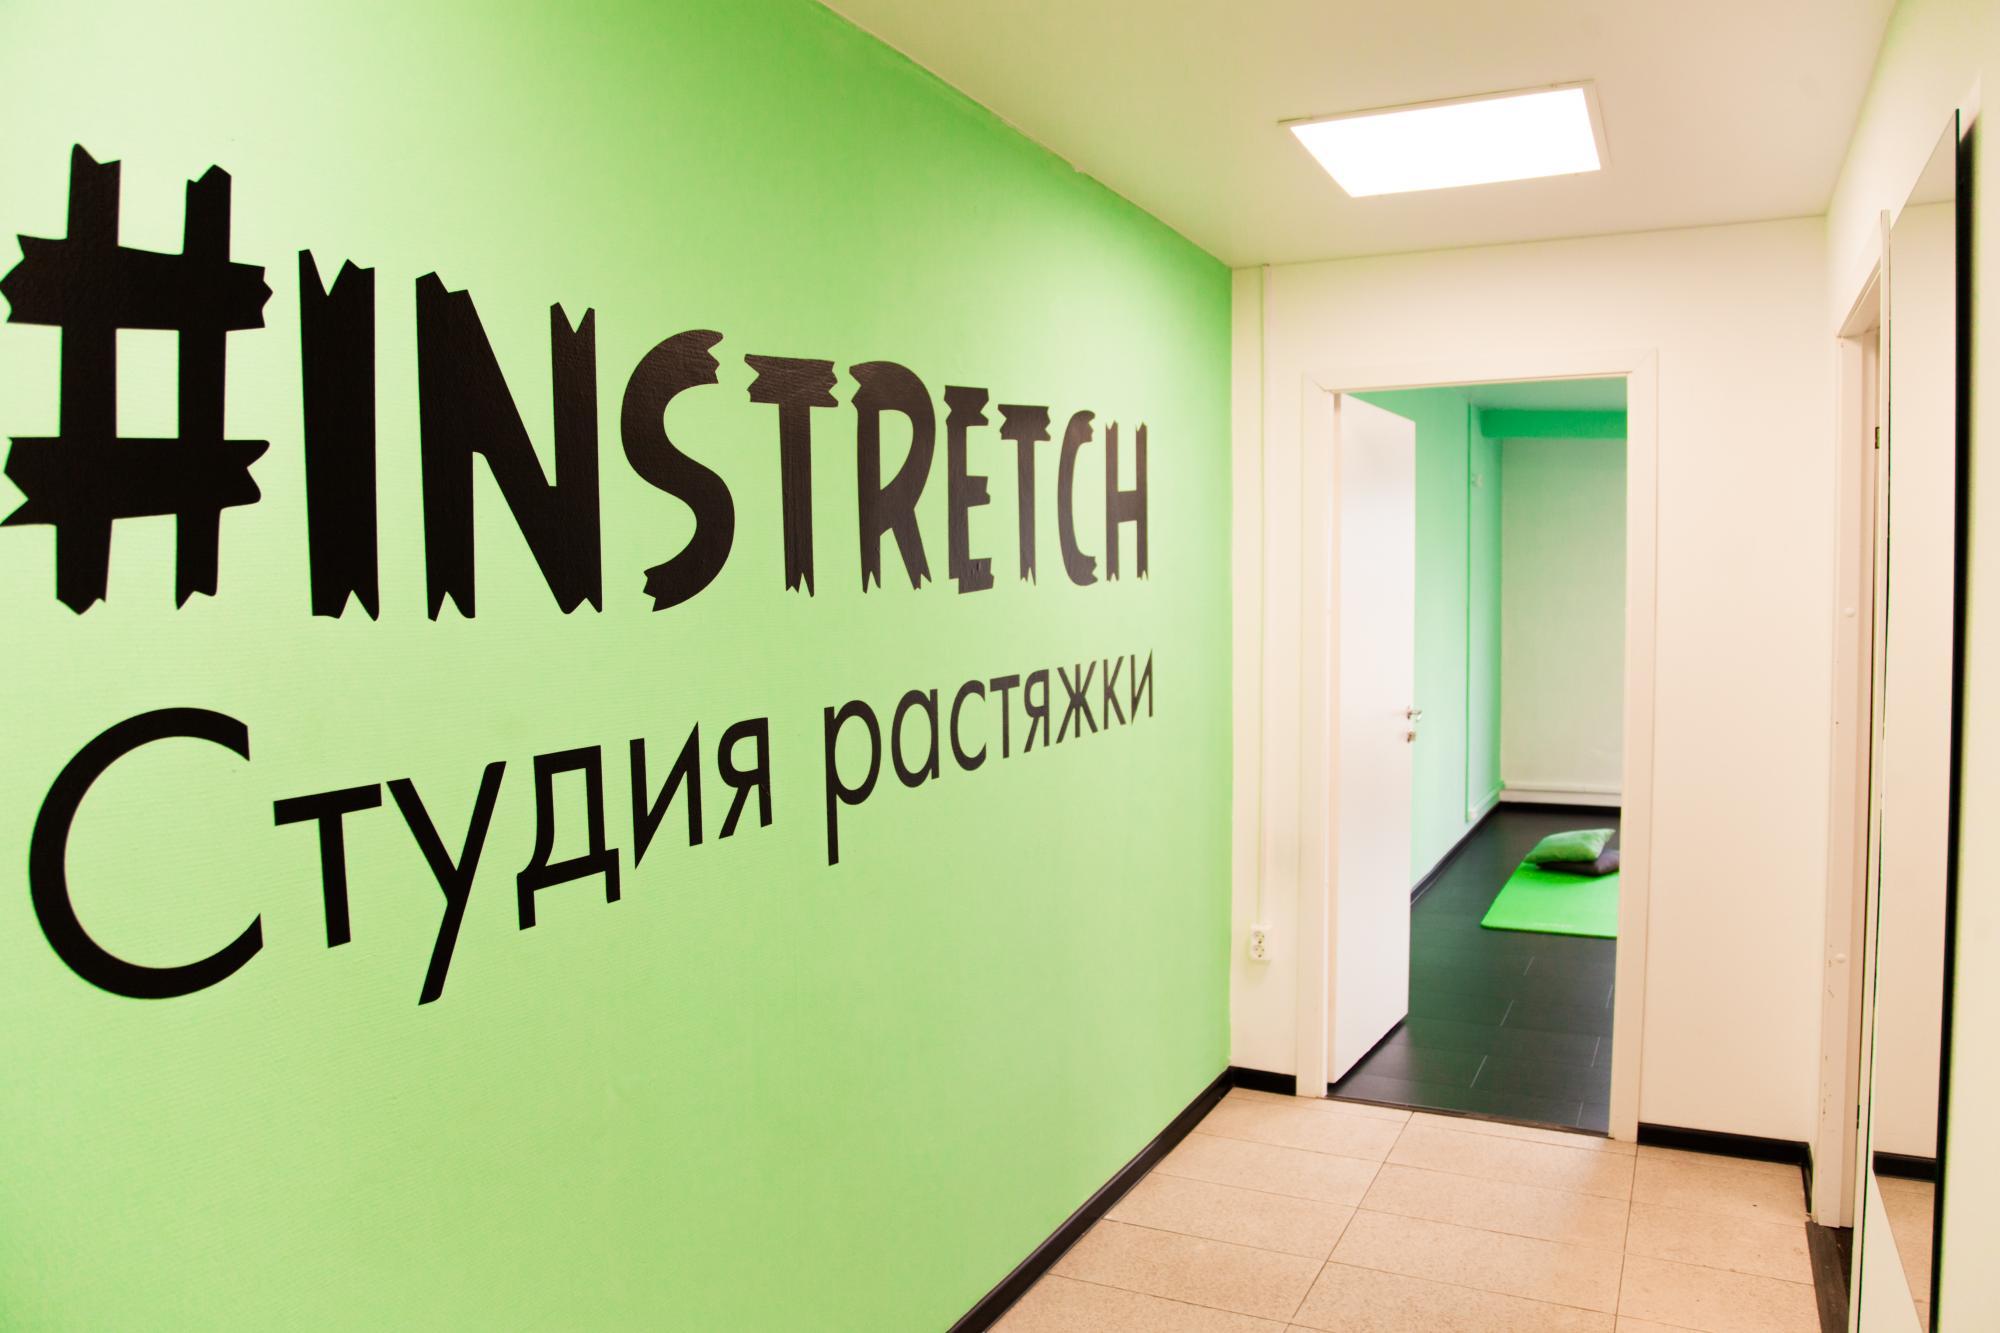 Аренда спортивного зала почасово в Москве 89163183611 купить 5